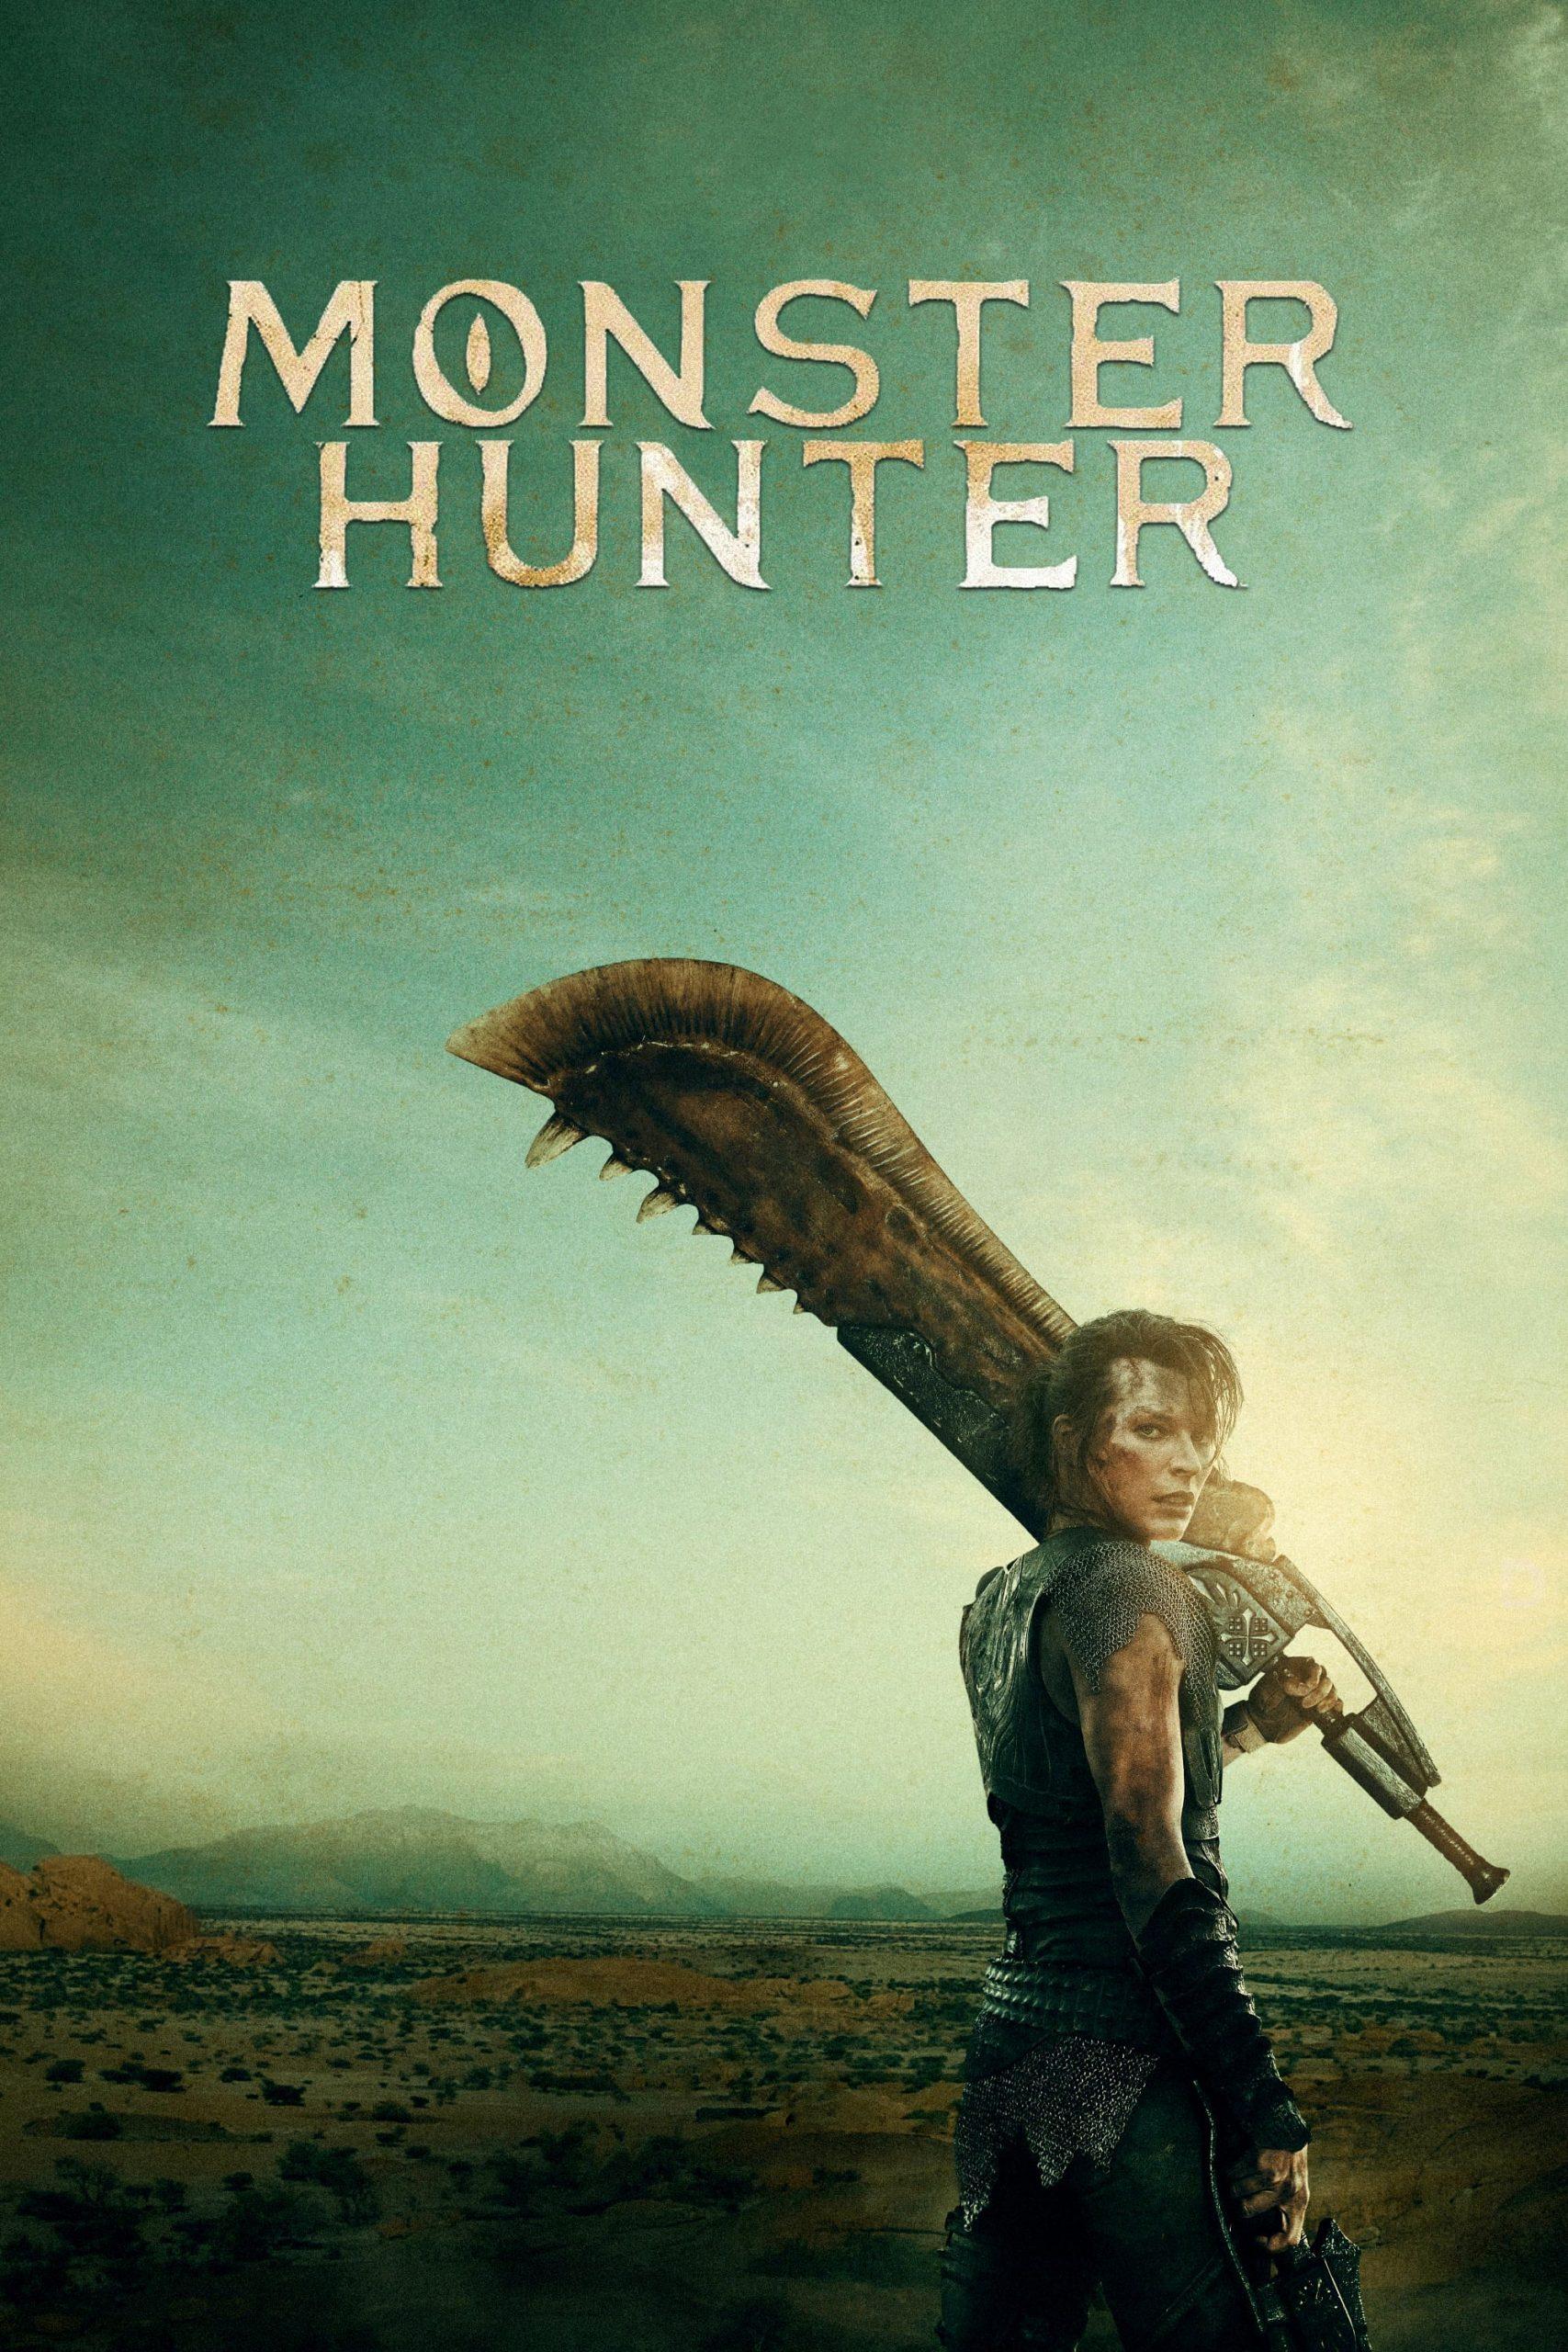 دانلود فیلمMonster Hunter 2020 با دوبله فارسی